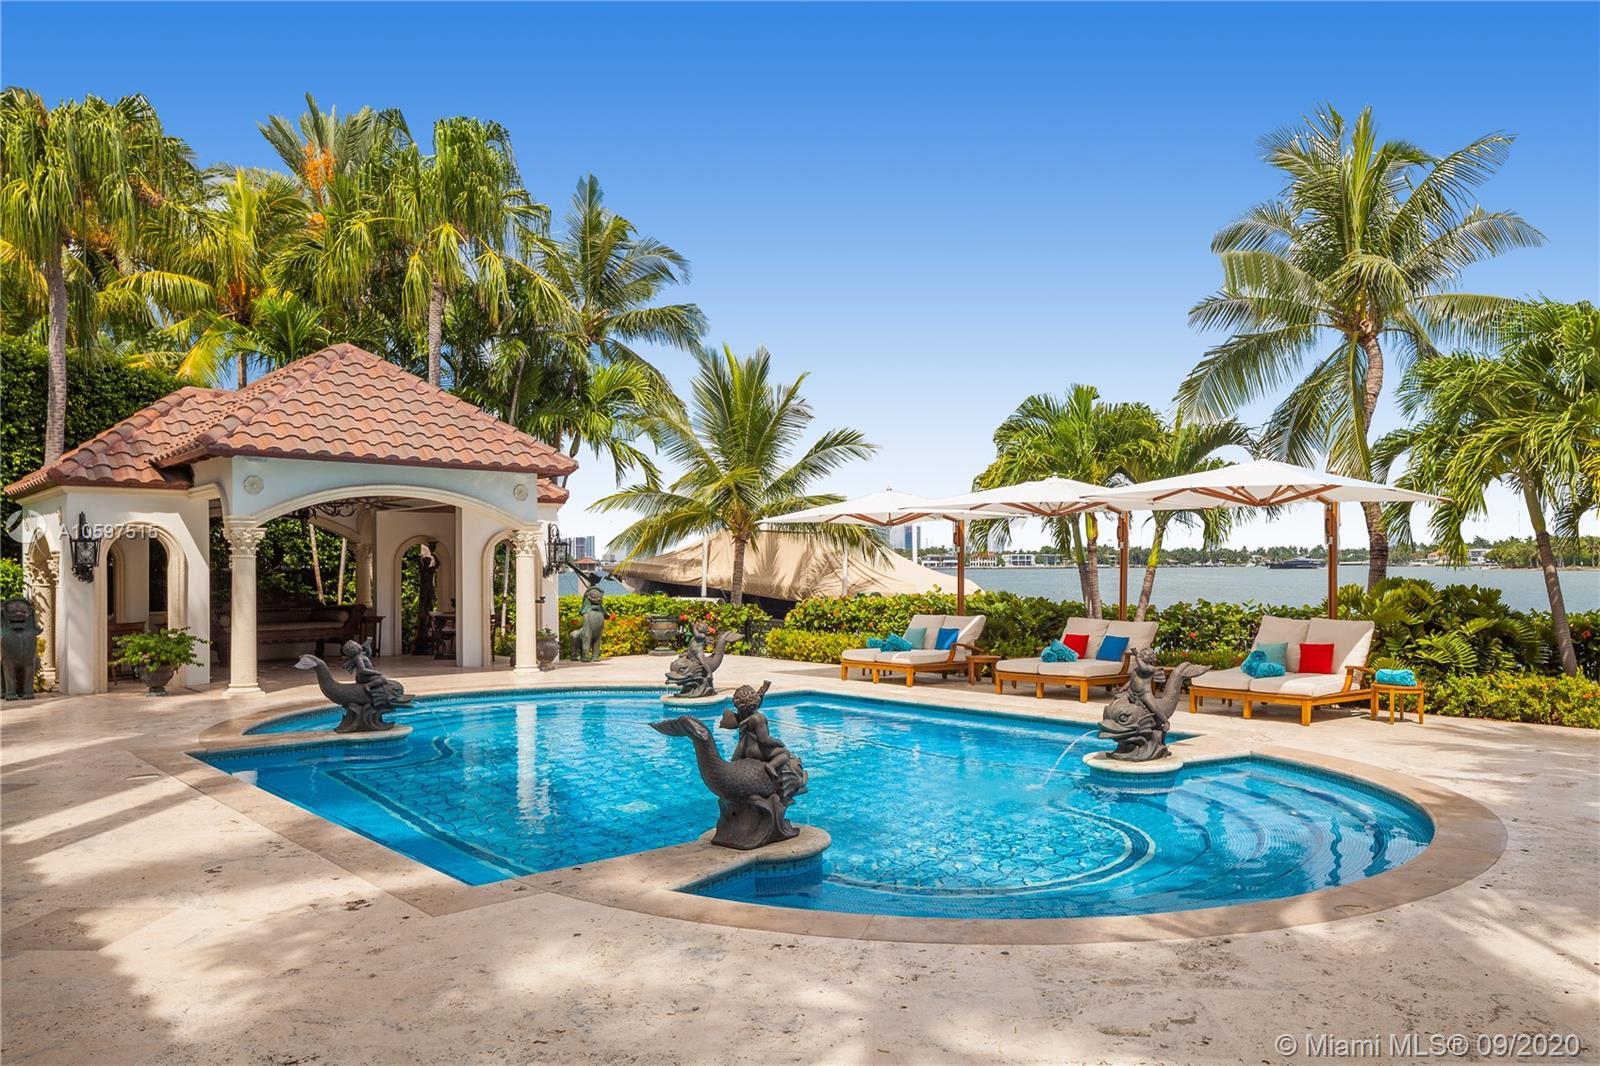 46 Star island dr- miami-beach-fl-33139-a10597515-Pic15